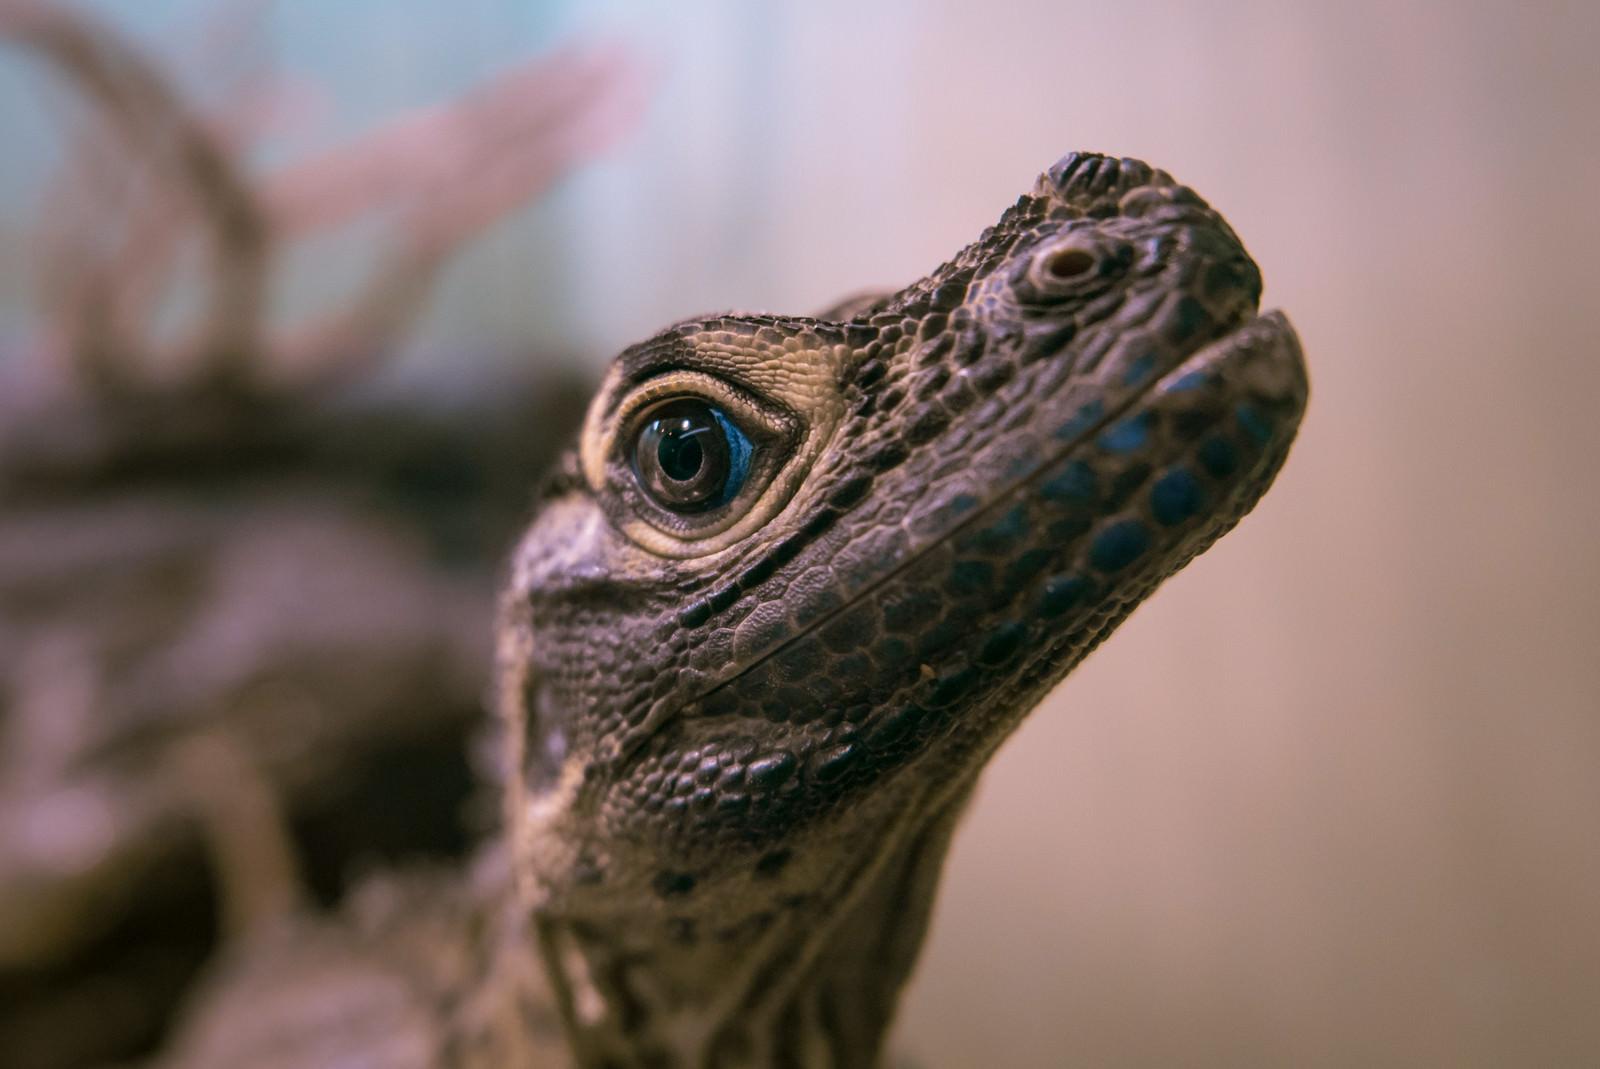 「上を見上げる青い瞳の爬虫類動物」の写真